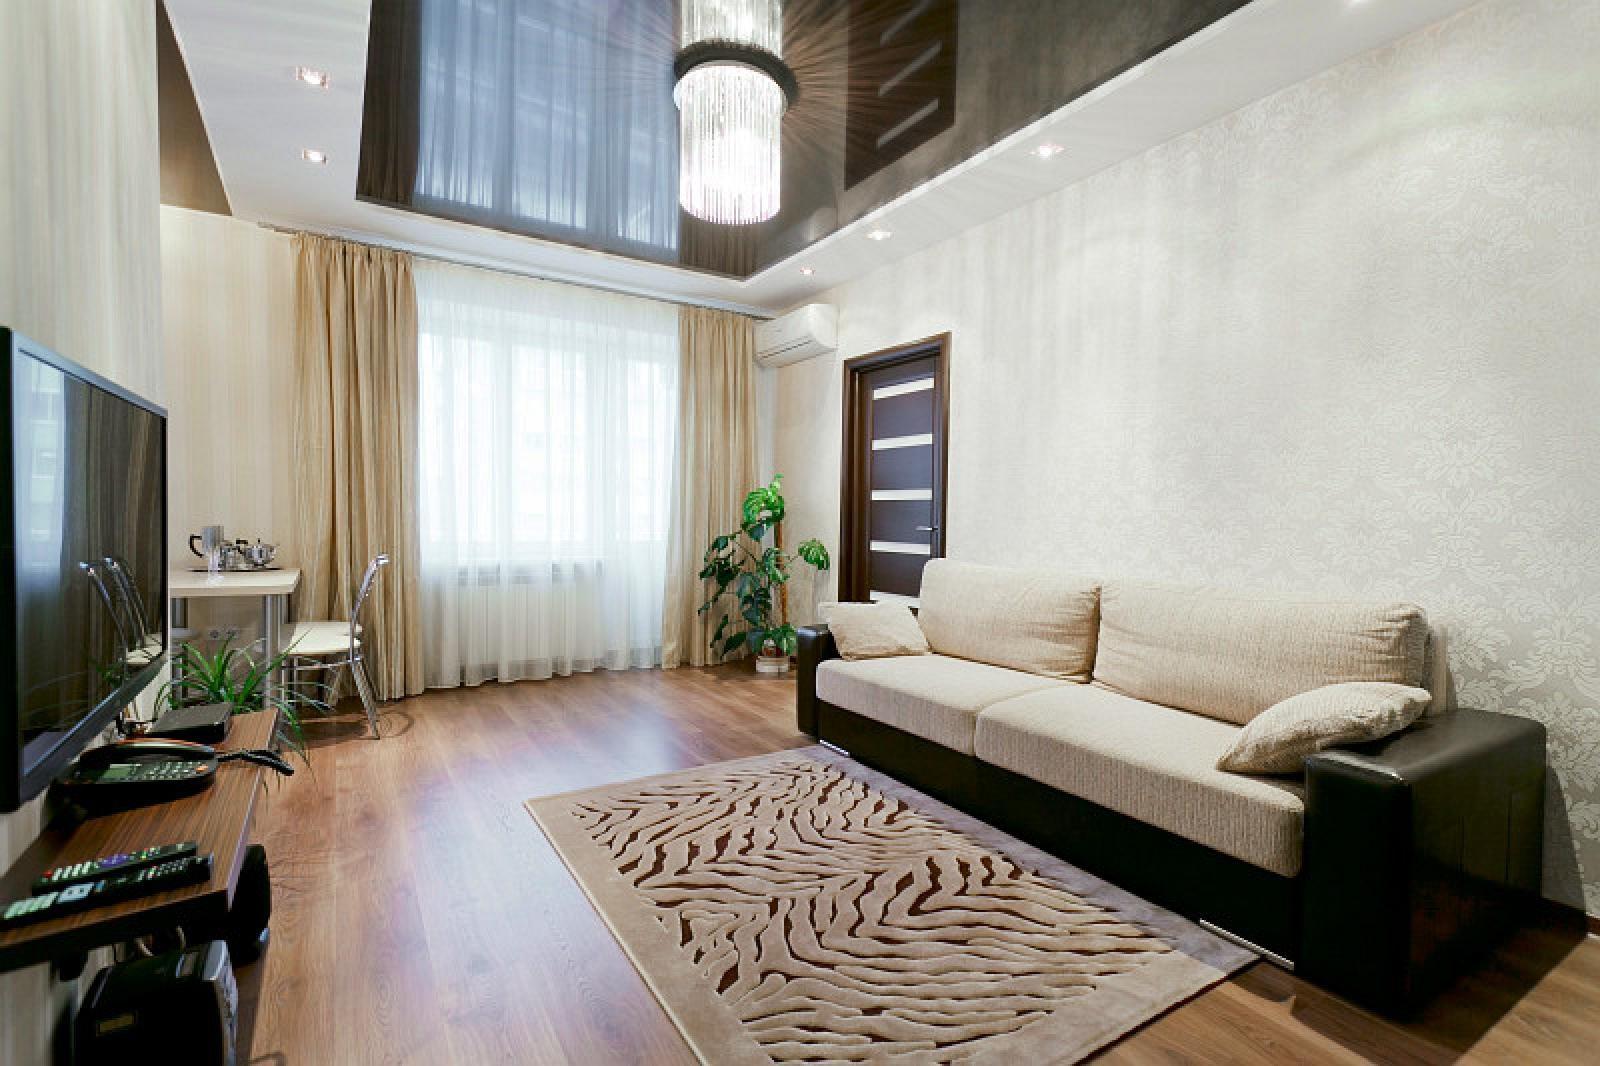 remont-v-kvartire8 Простой ремонт квартиры - доступно, экономно, быстро